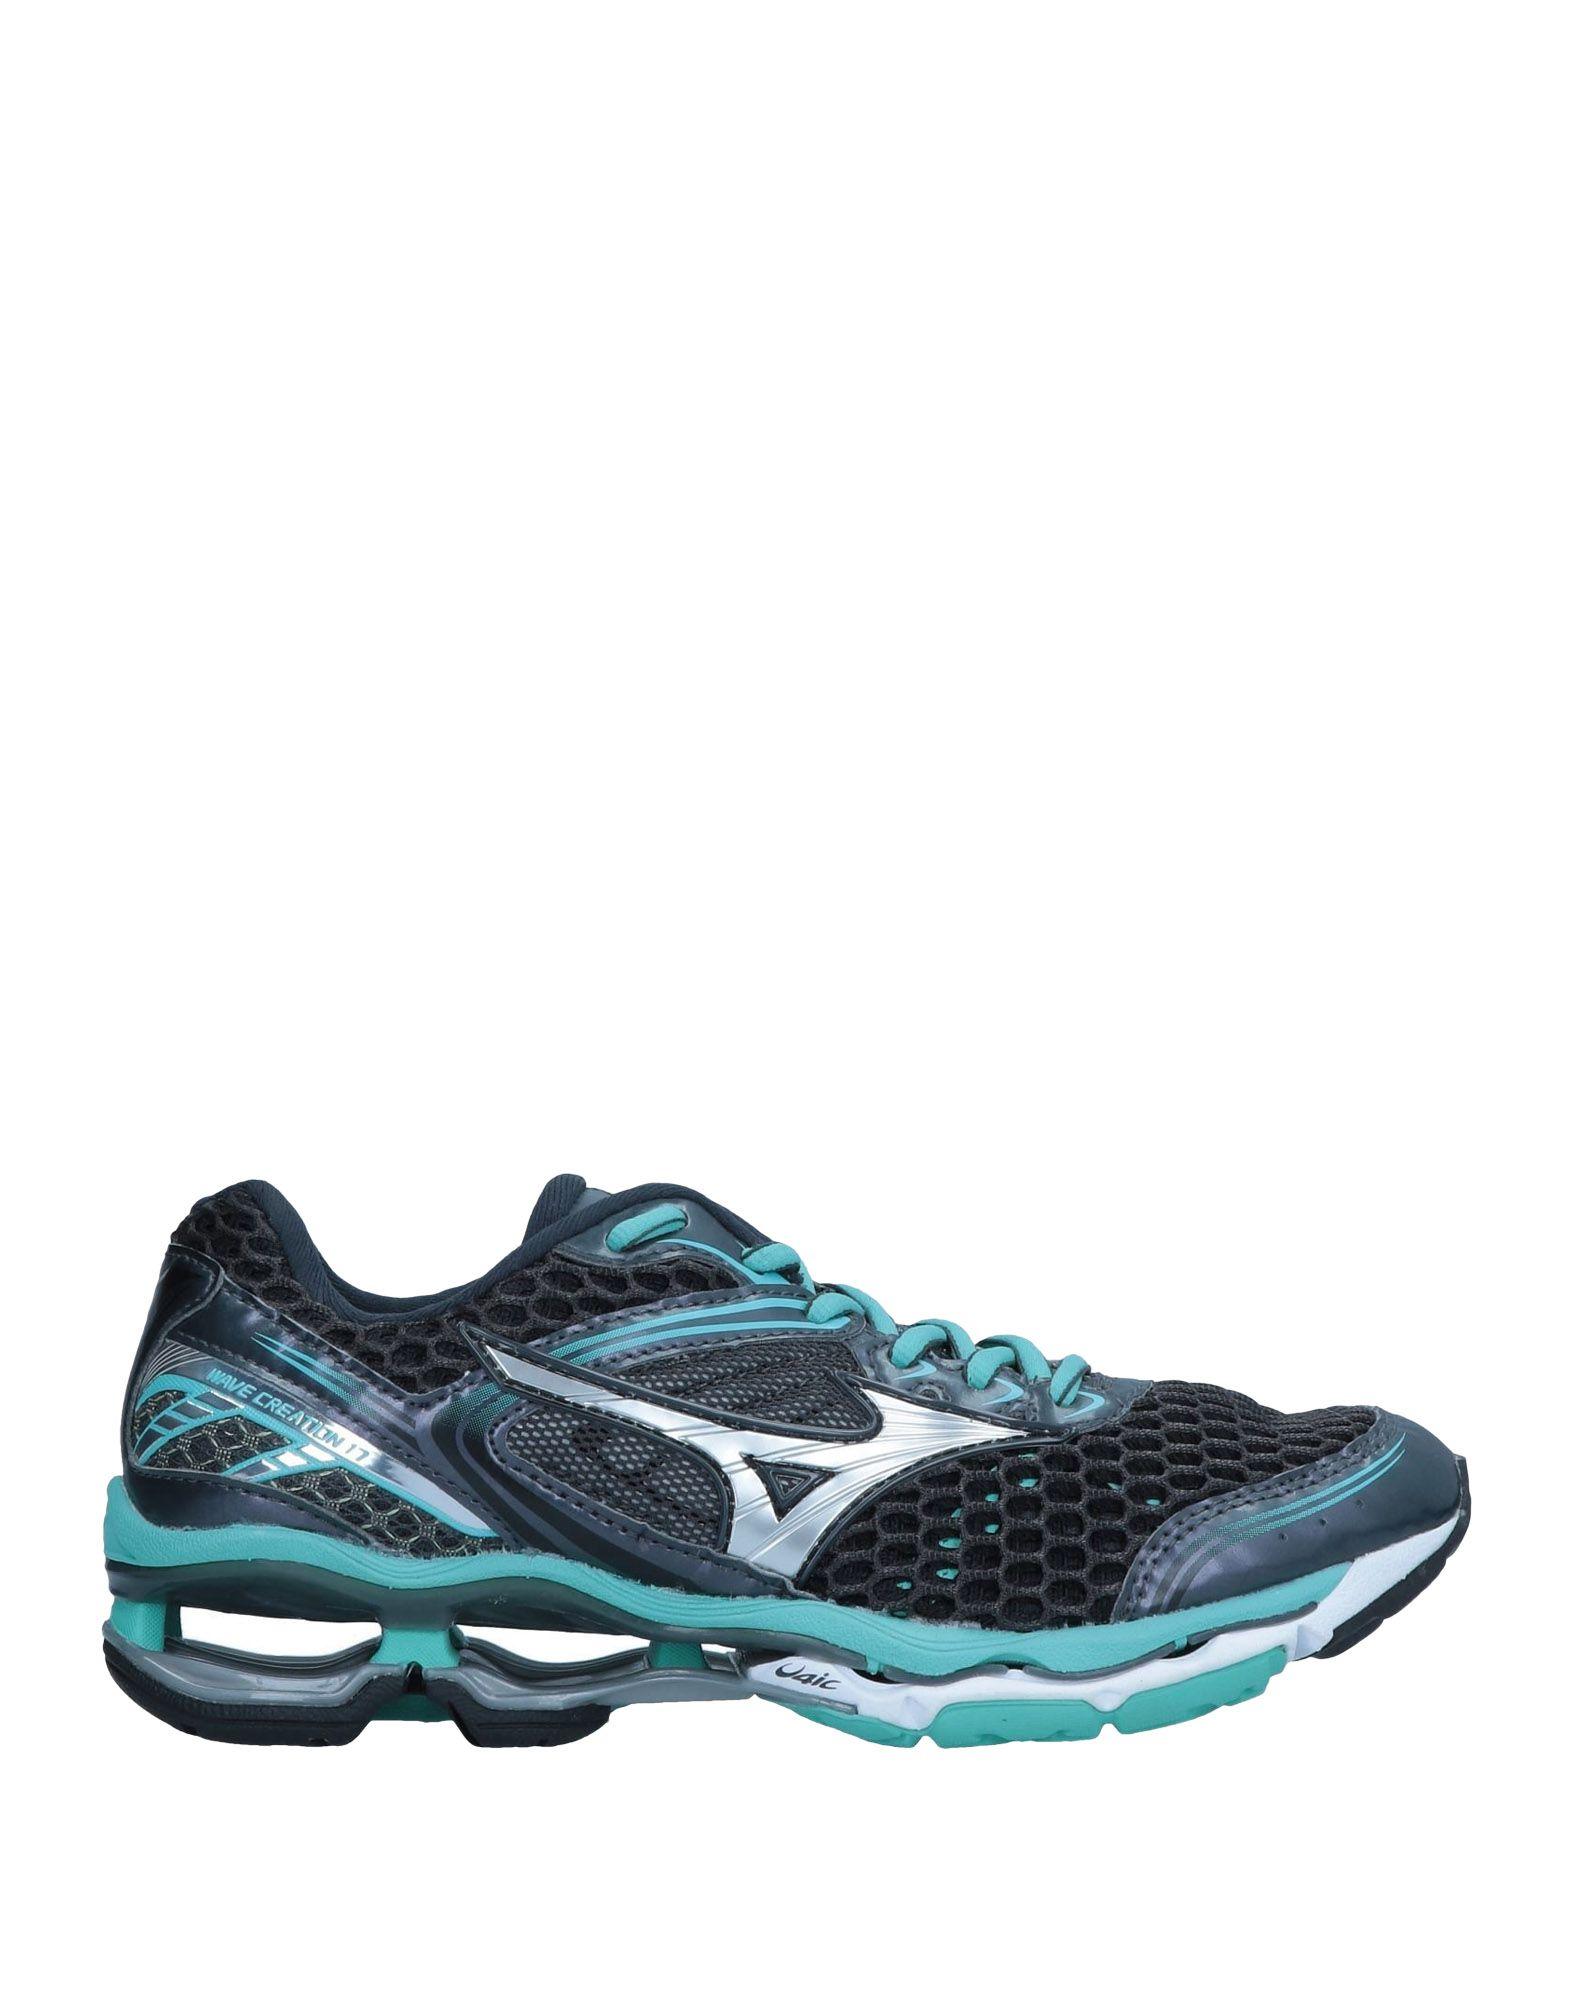 Sneakers Mizuno Donna - 11546191VV 11546191VV 11546191VV 324812